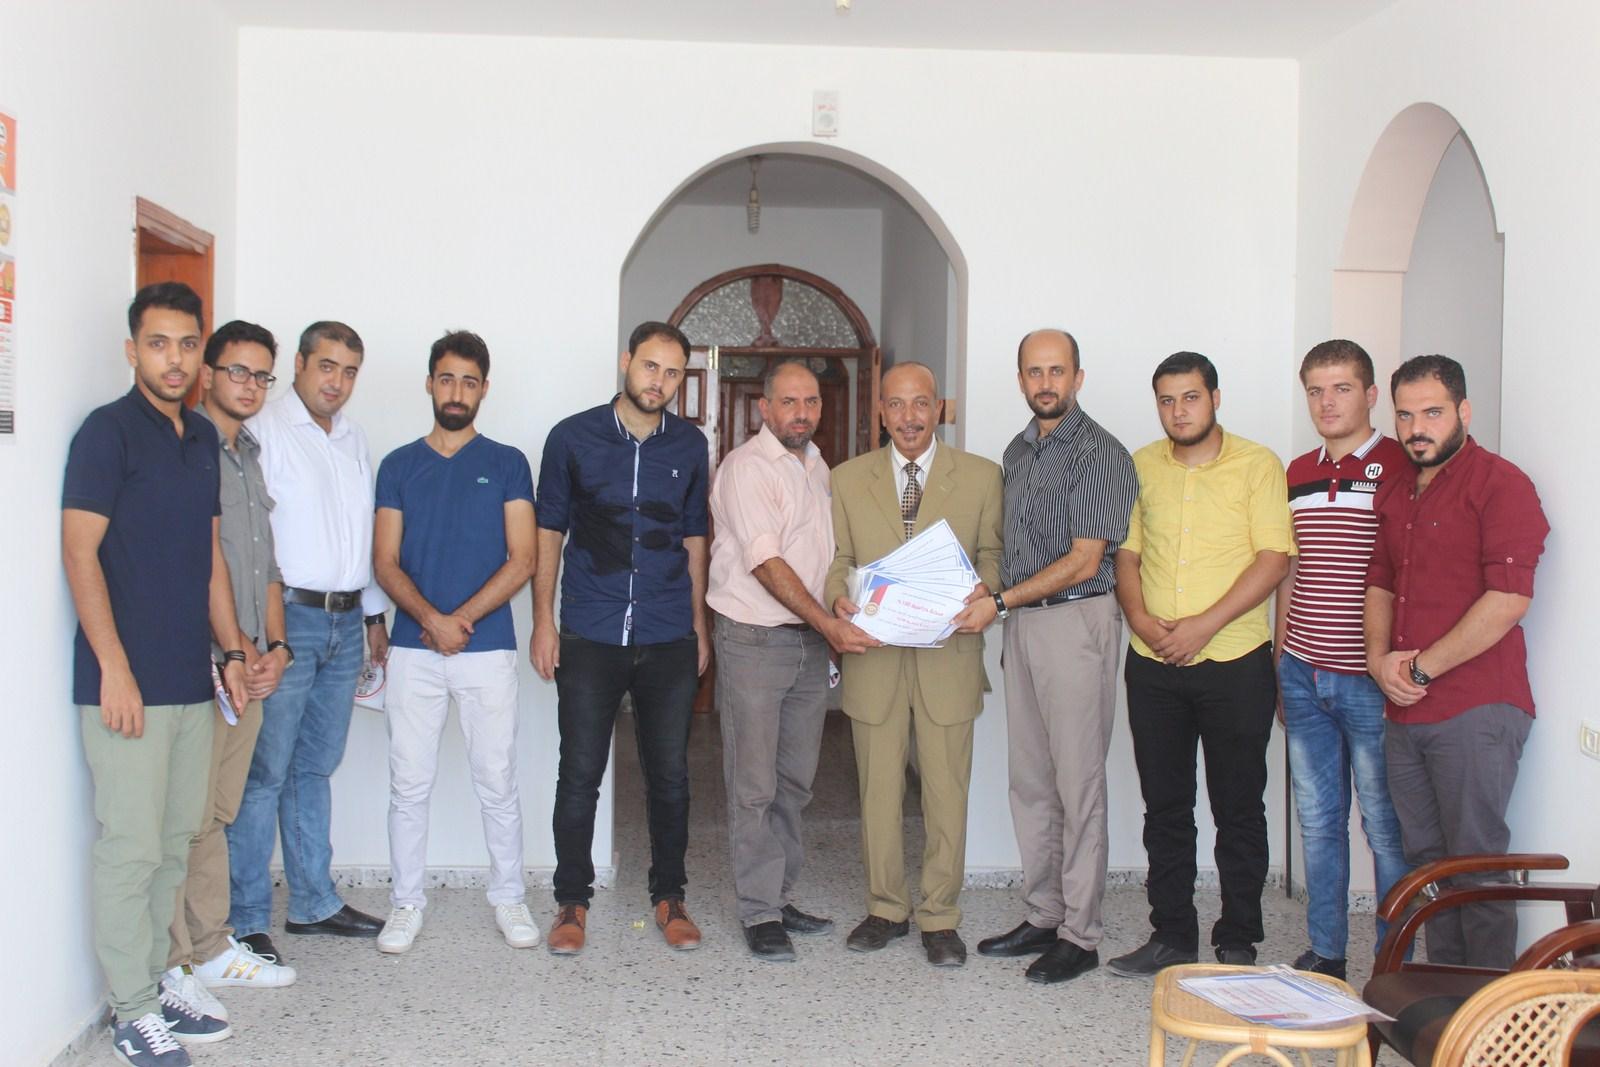 جامعة الاسراء تقدم العديد من المنح الدراسية لطلبة عائلة الفرا